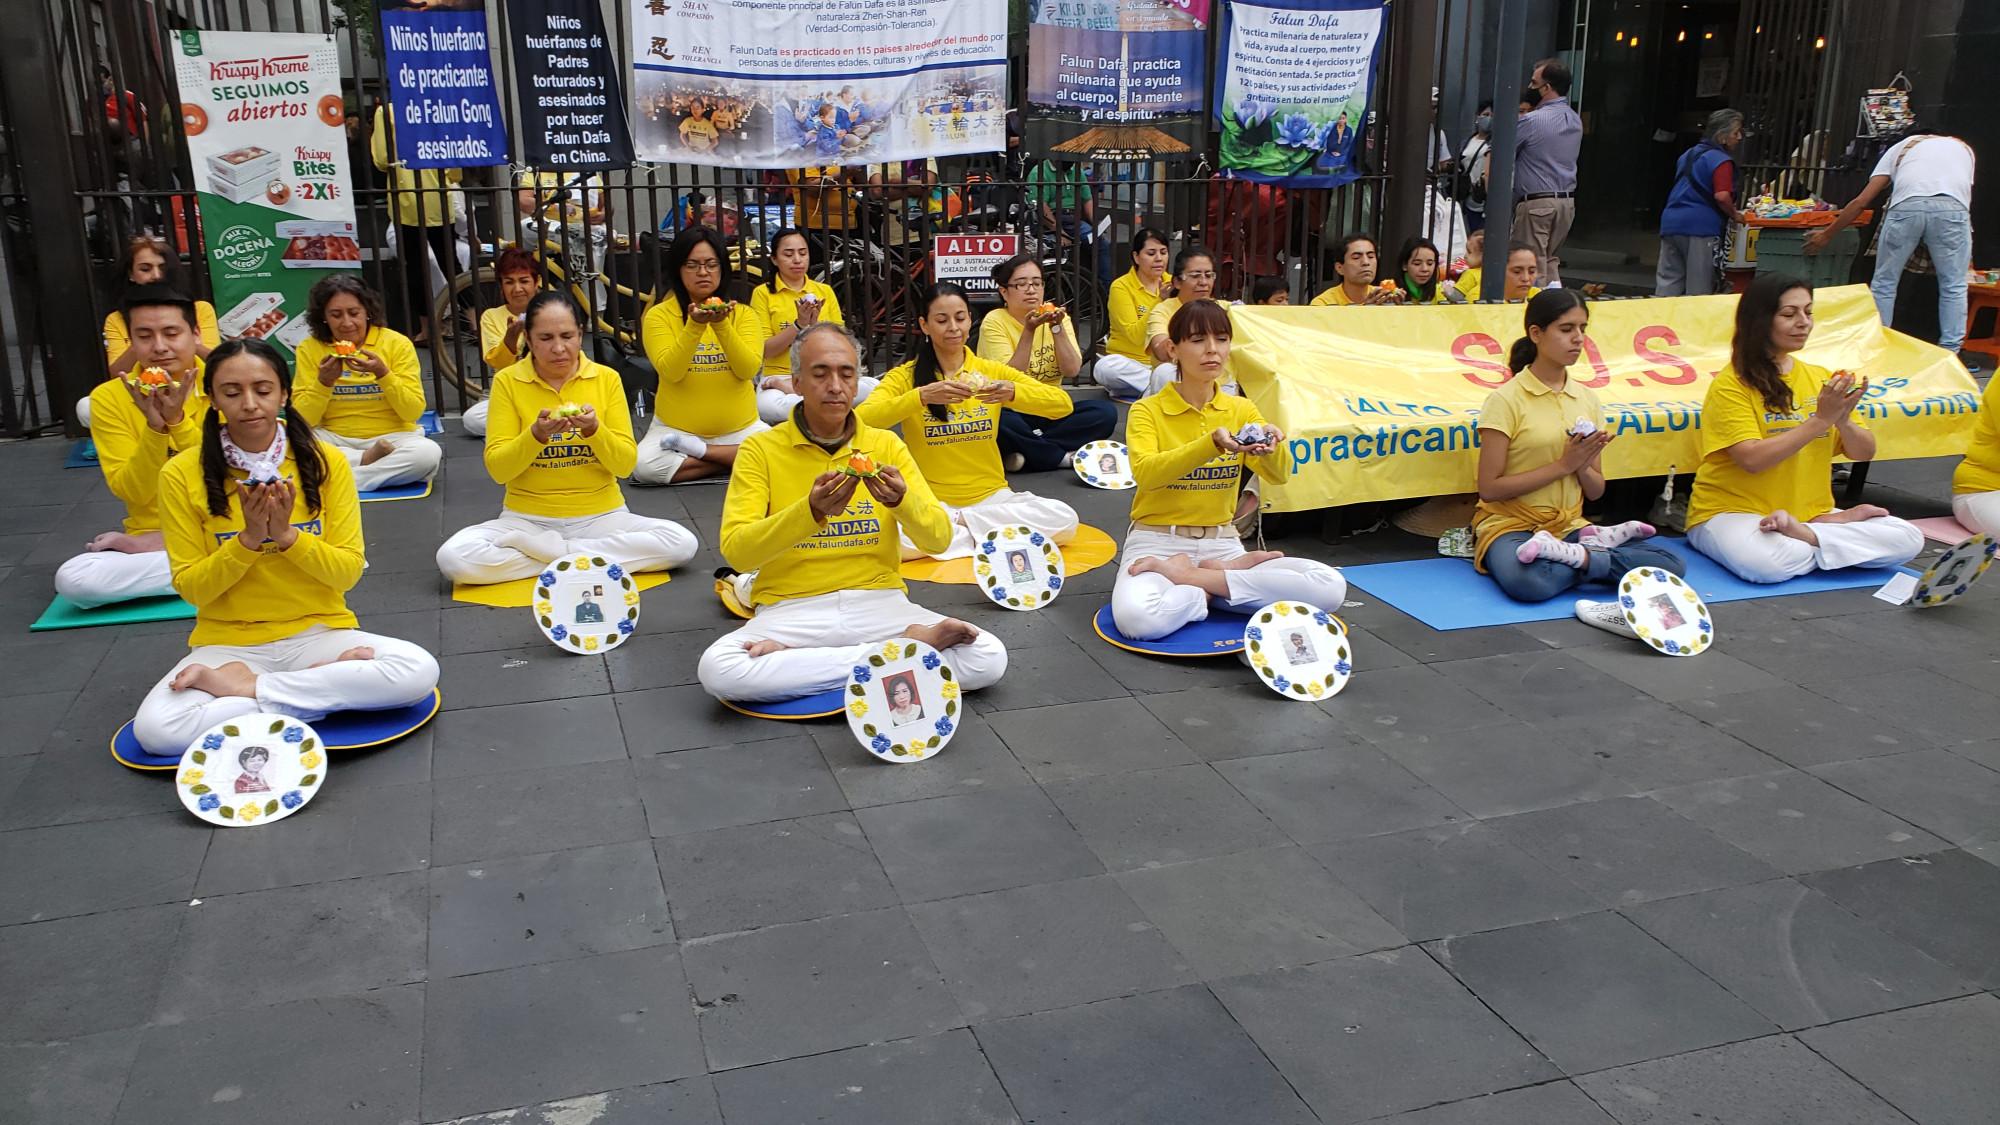 Vigilia en memoria de practicantes fallecidos a causa de la persecución en China. (Cortesía Falun Dafa México)